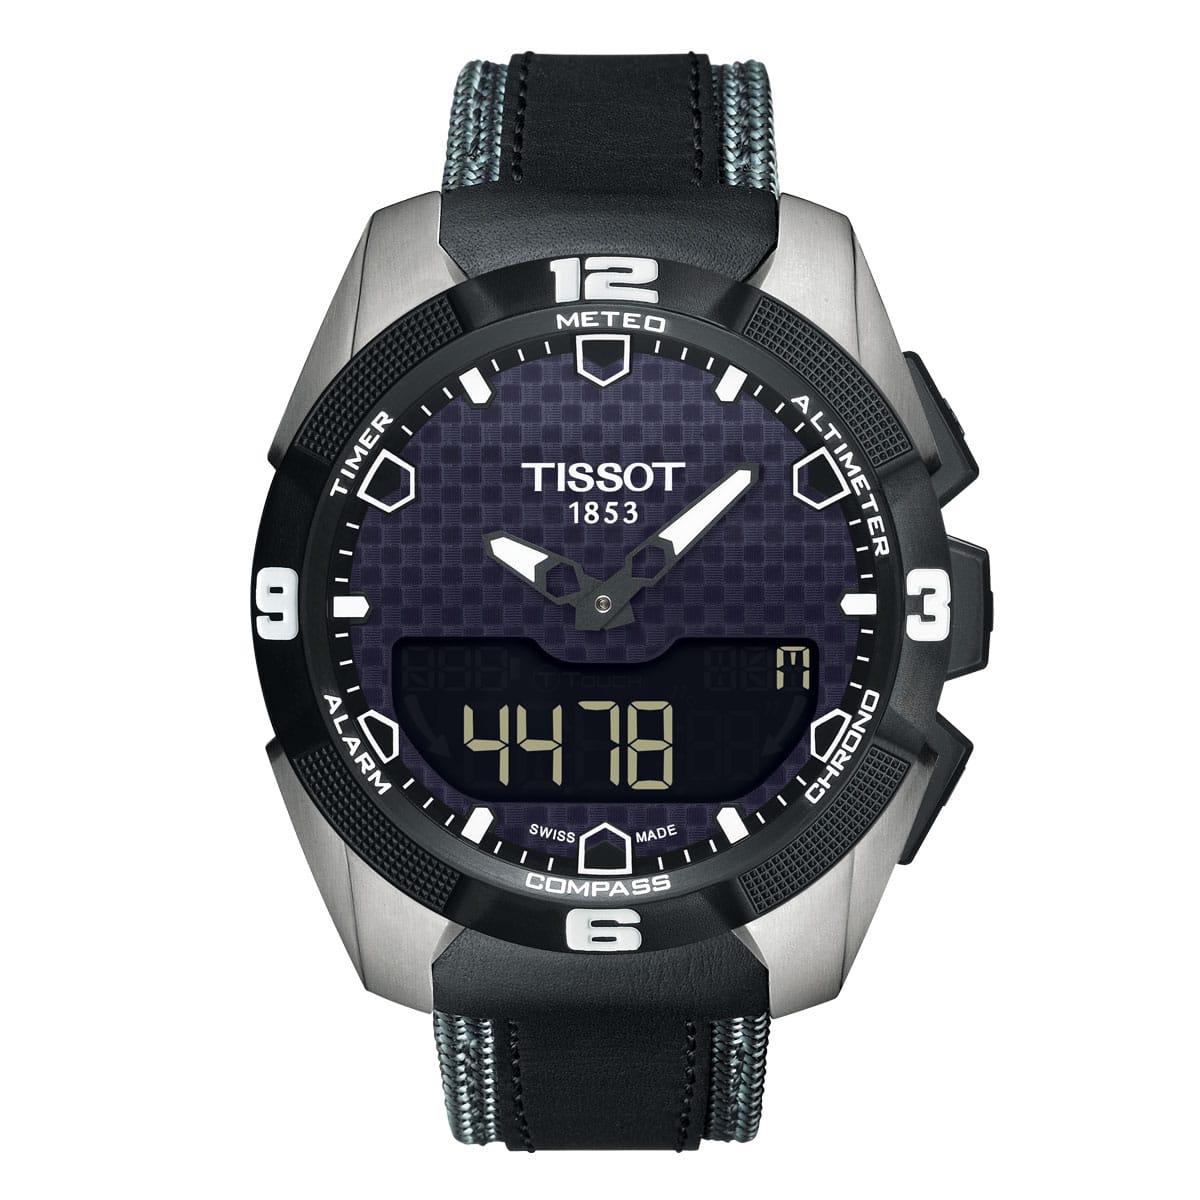 Tissot-T-Touch-Expert-Solar-T091_420_46_051_01 Lionel Meylan Horlogerie Joaillerie Vevey